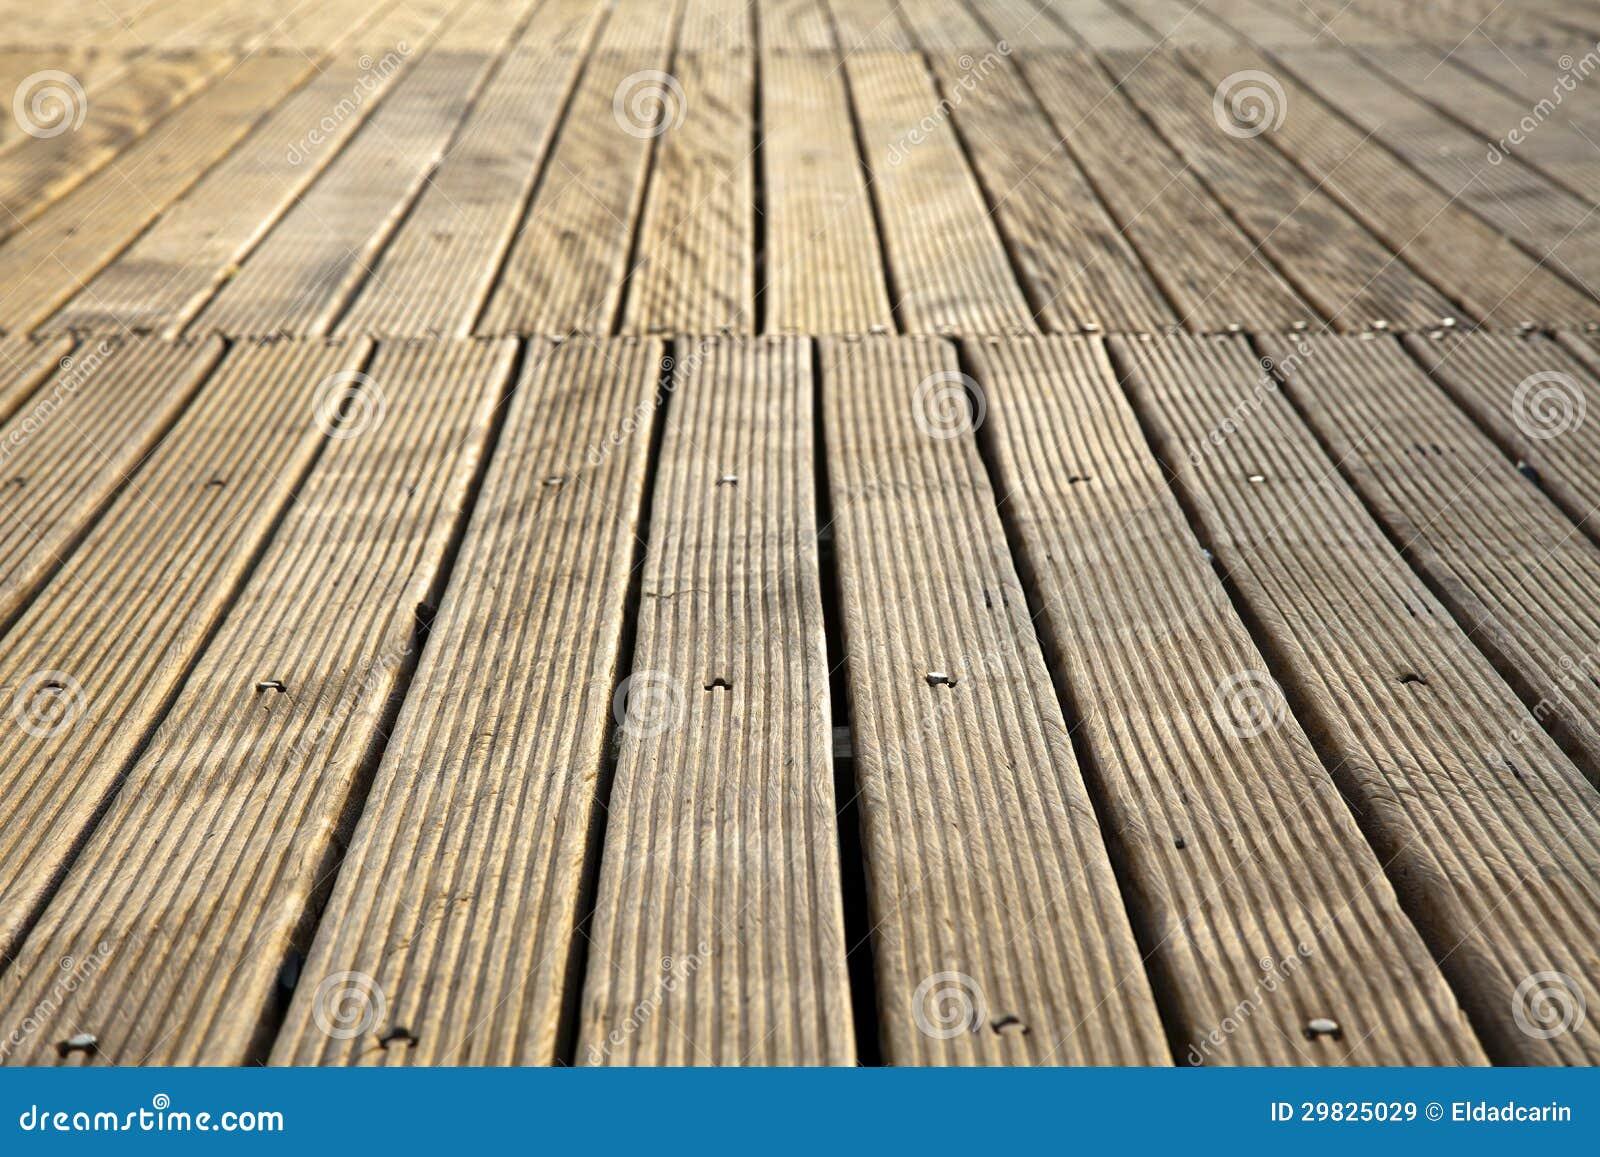 Plataforma de madeira de diminuição